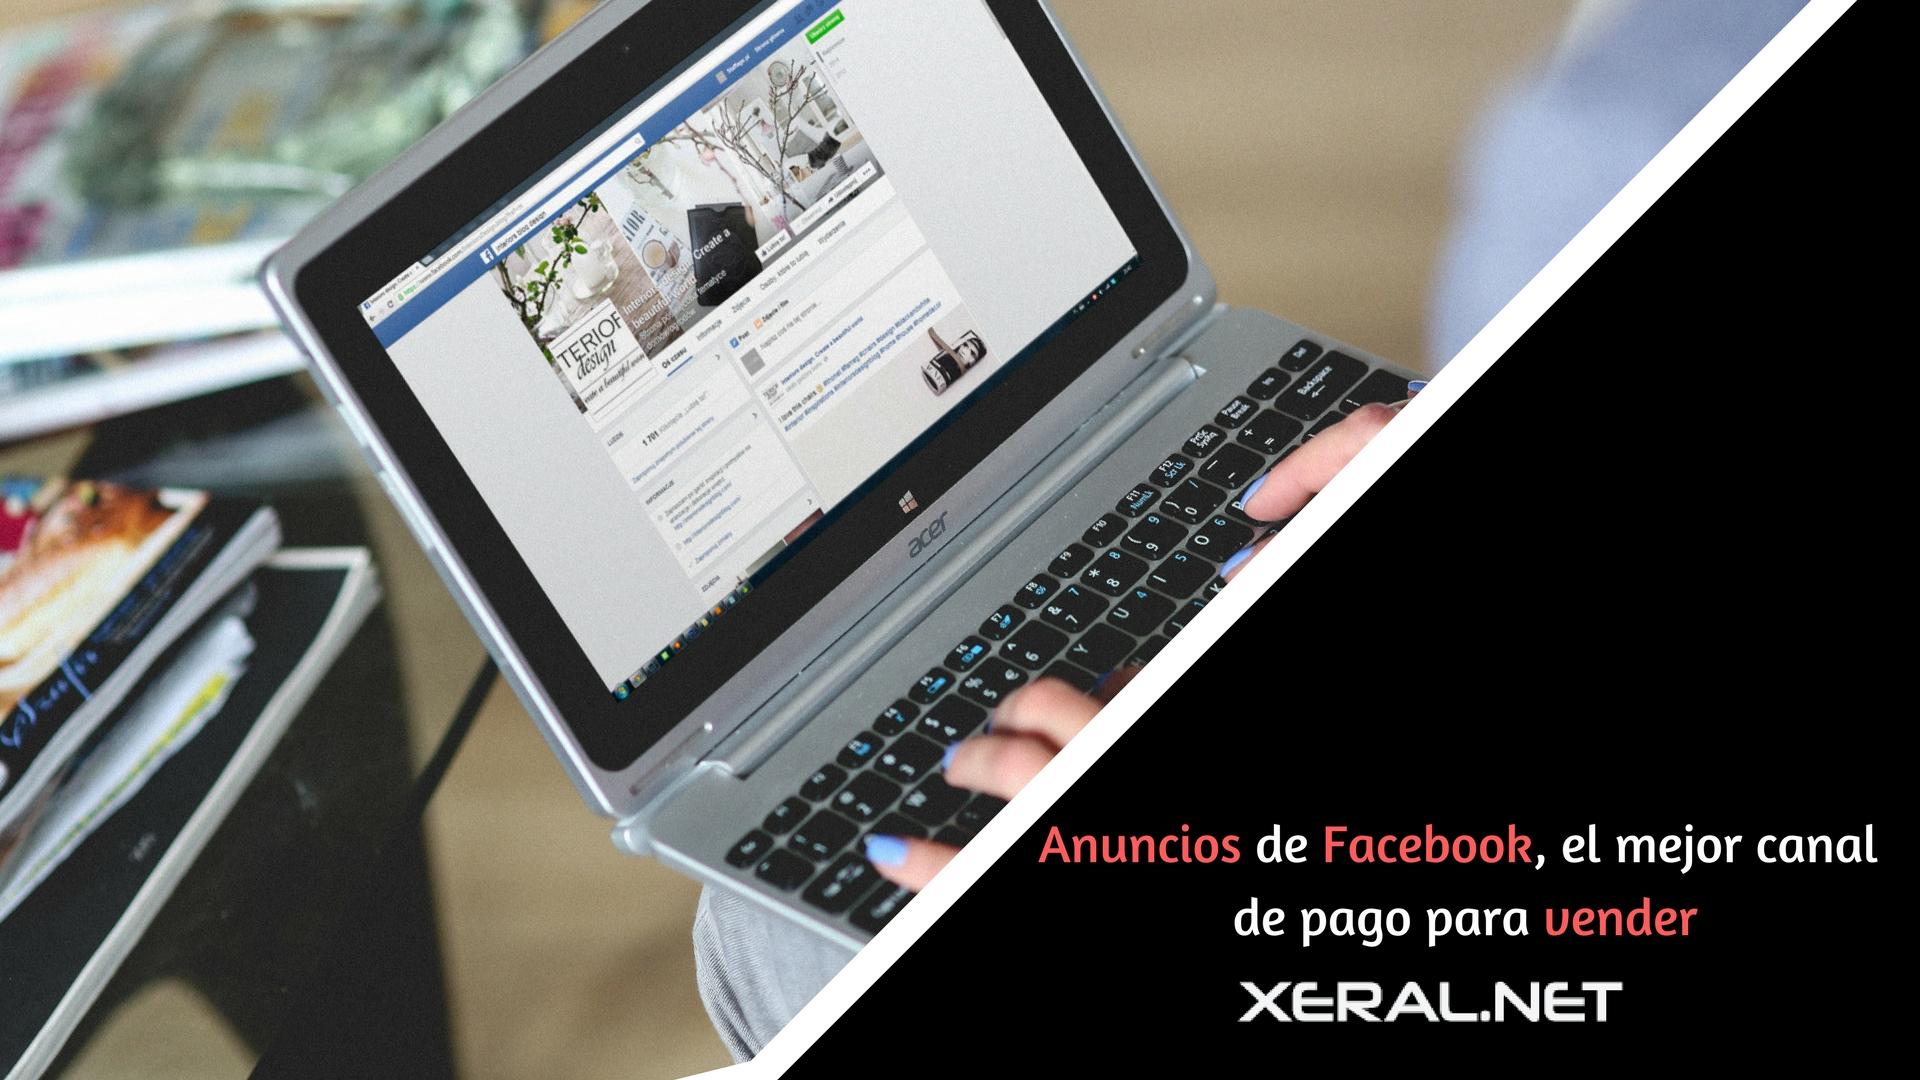 anuncios-de-facebook-el-mejor-canal-de-pago-para-vender-1920-